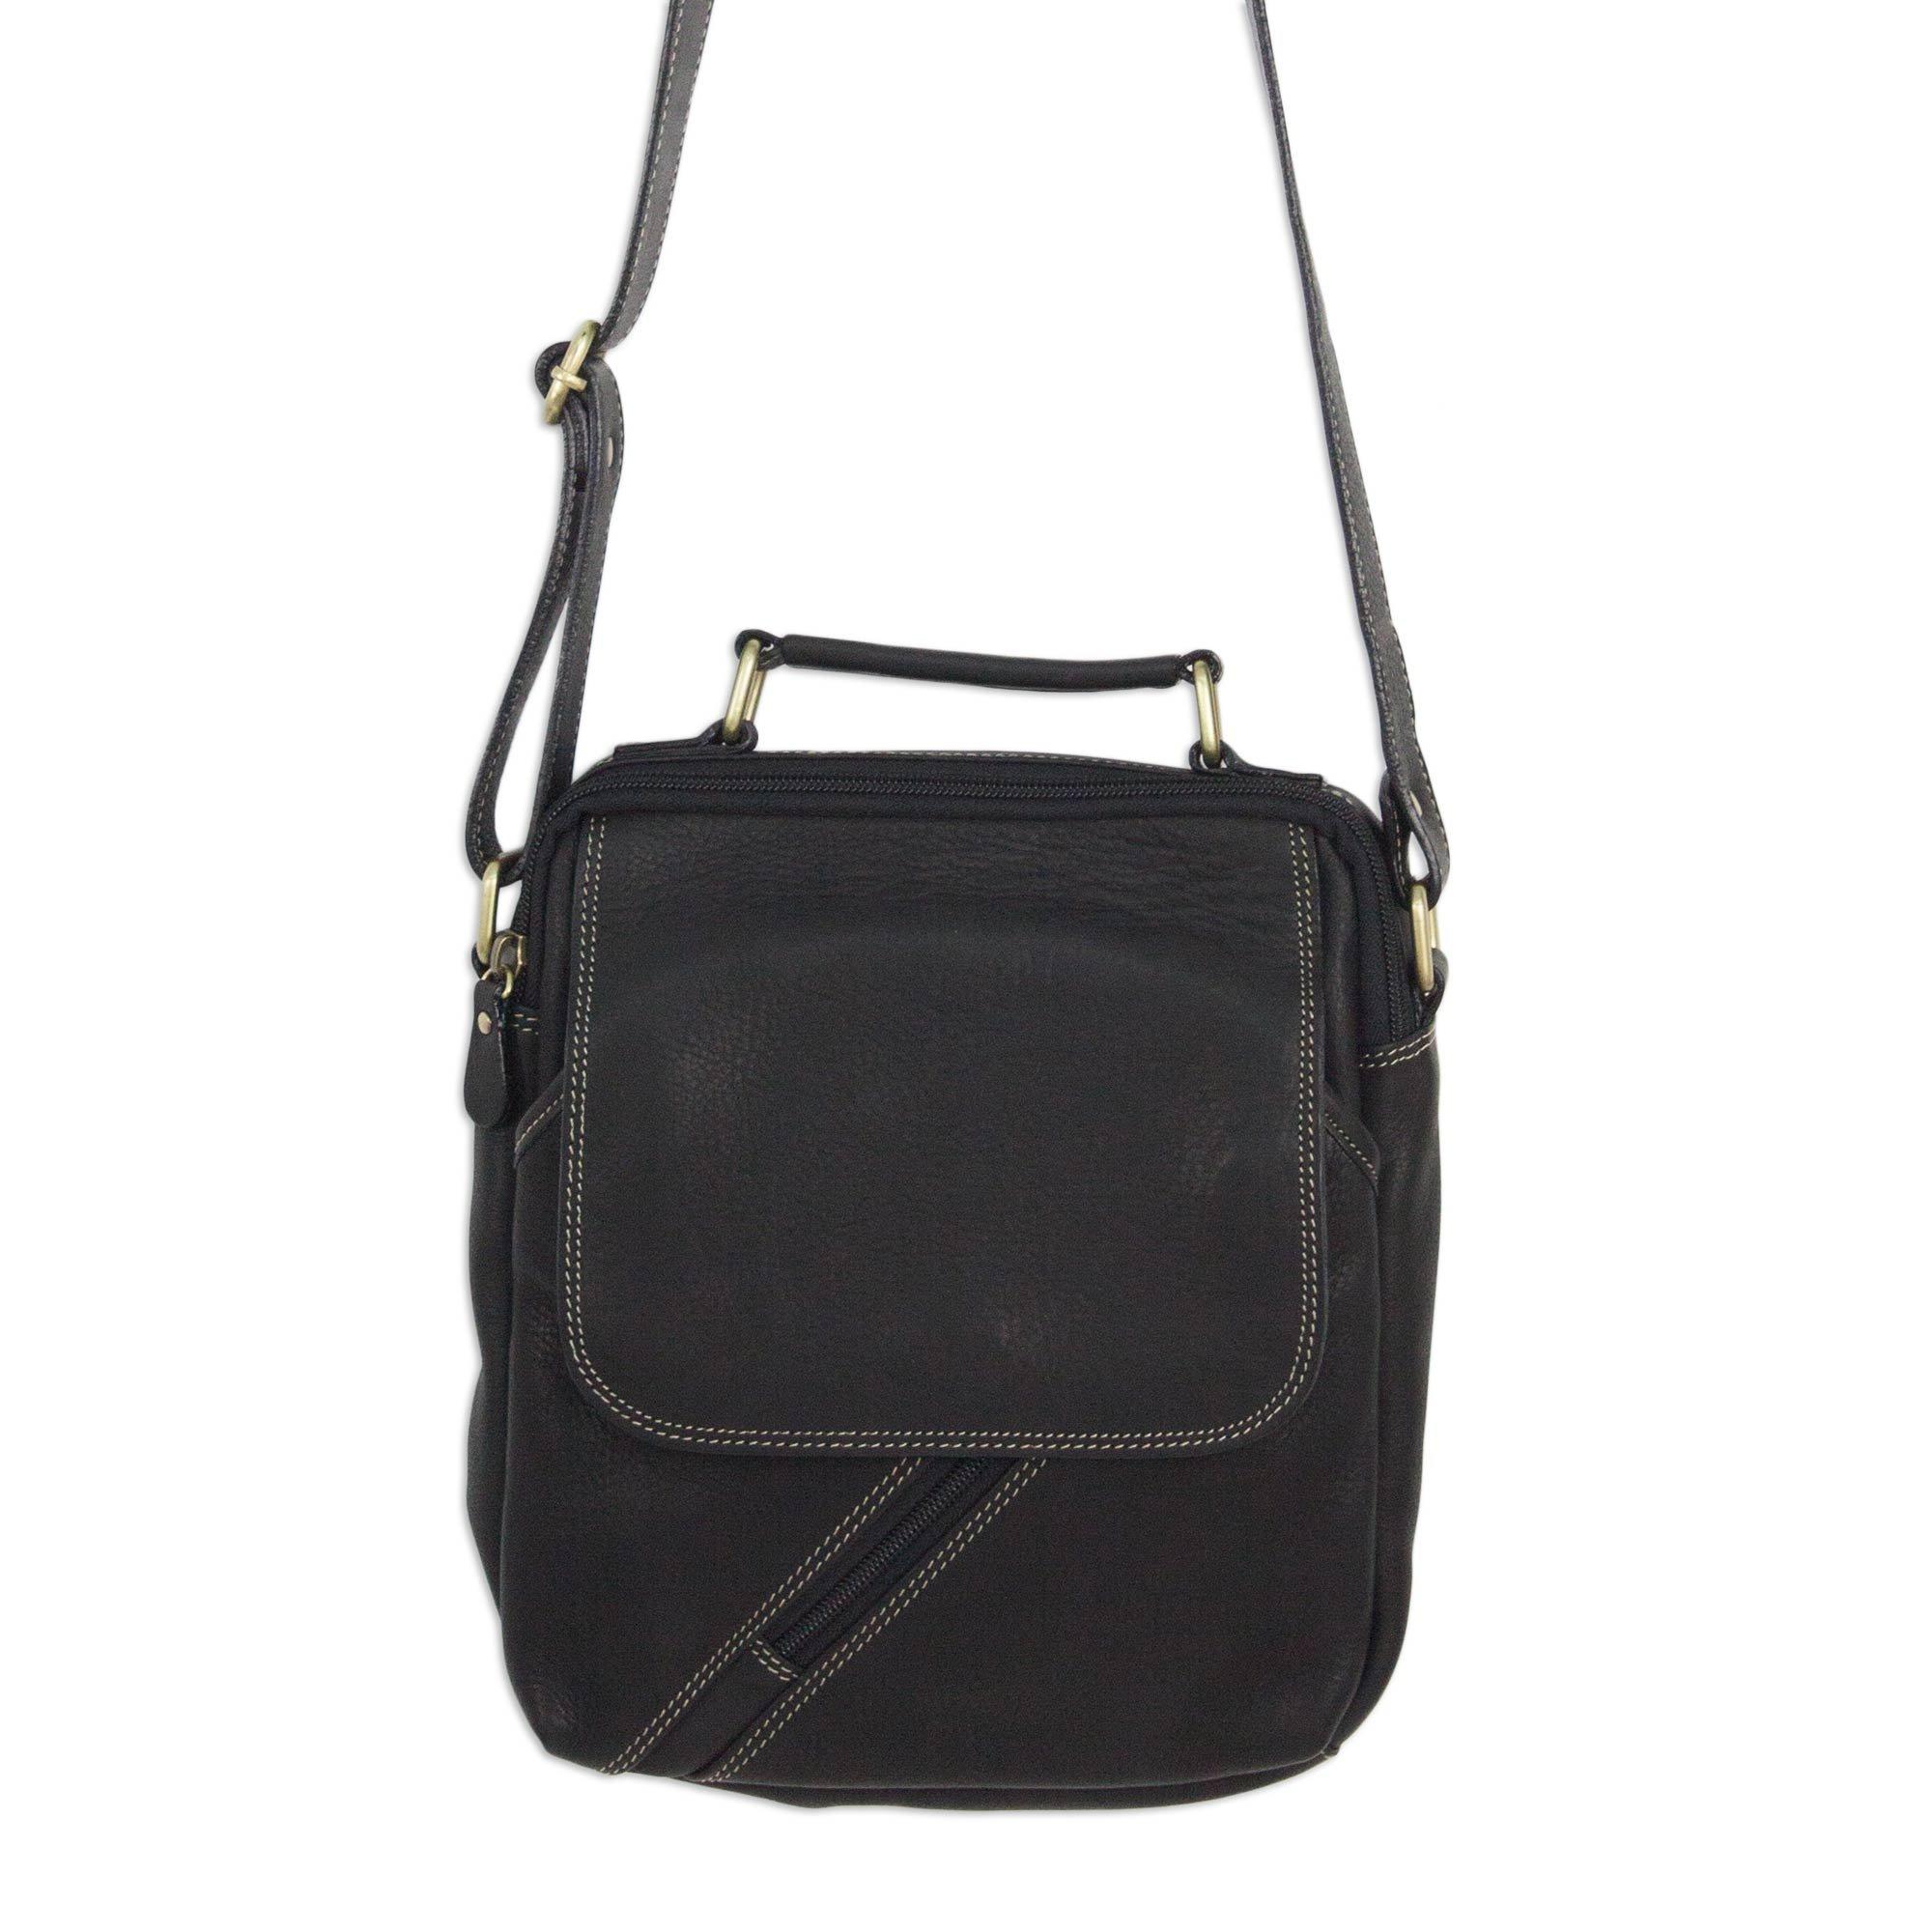 NOVICA Black Leather Shoulder Bag, 'Voyager In Black'